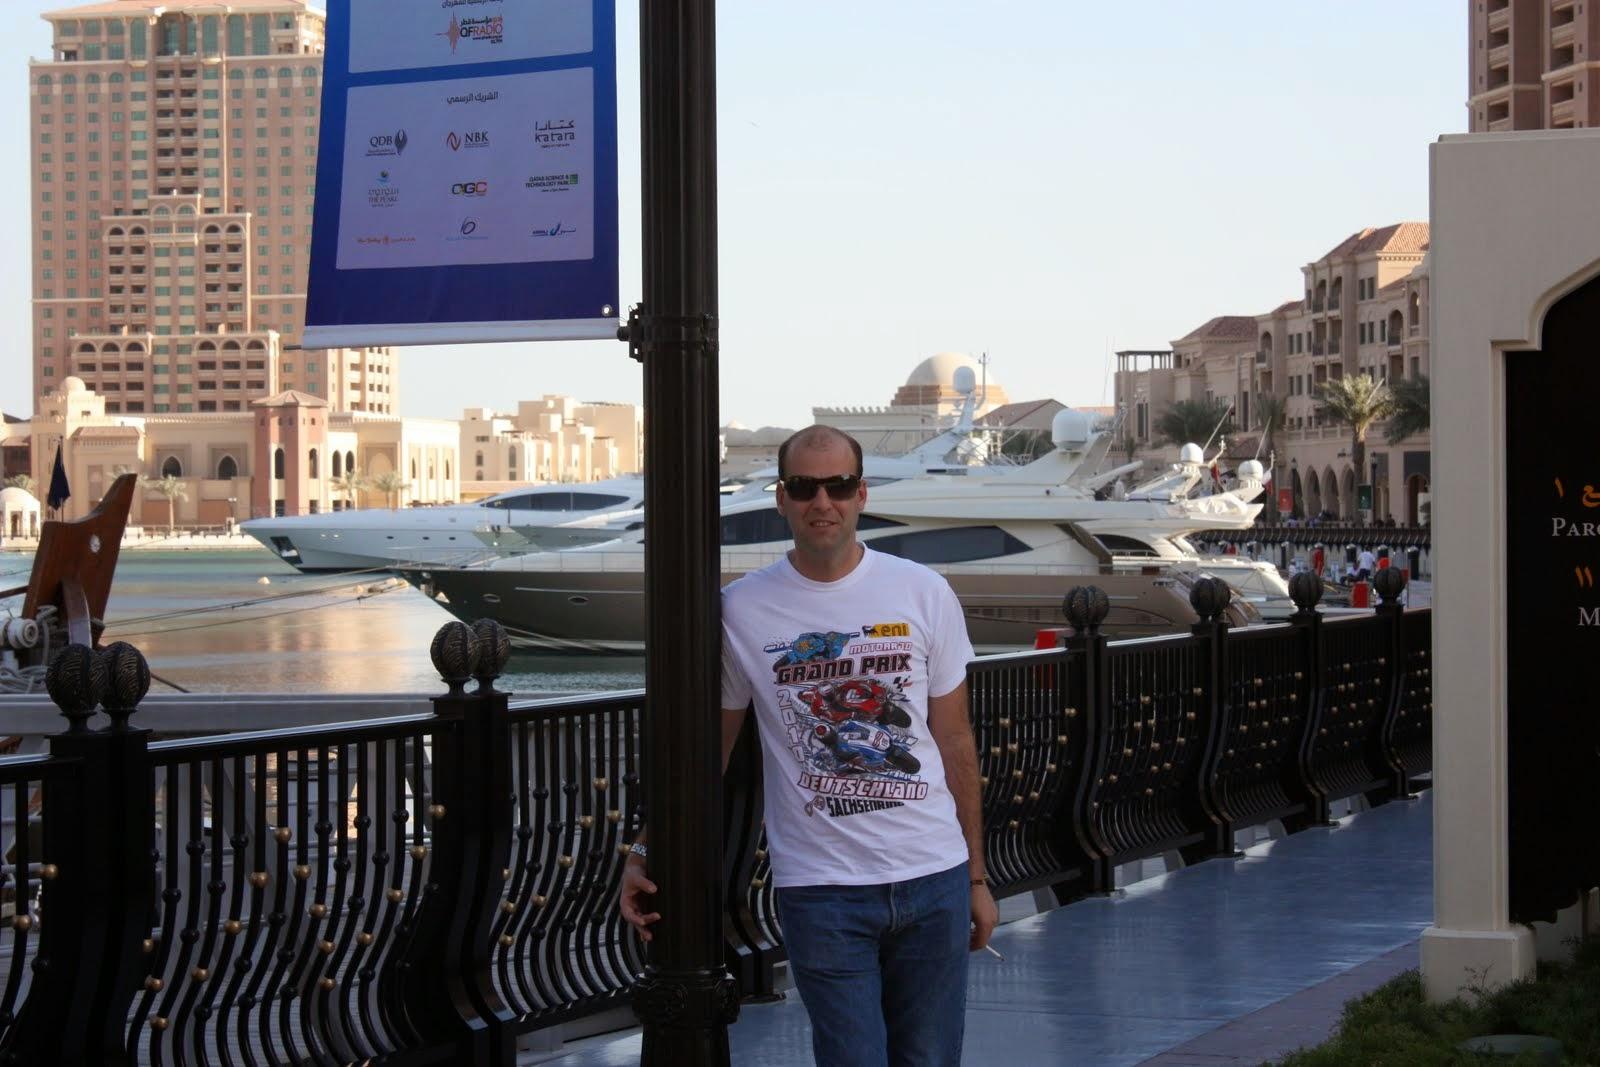 La Perla en Doha